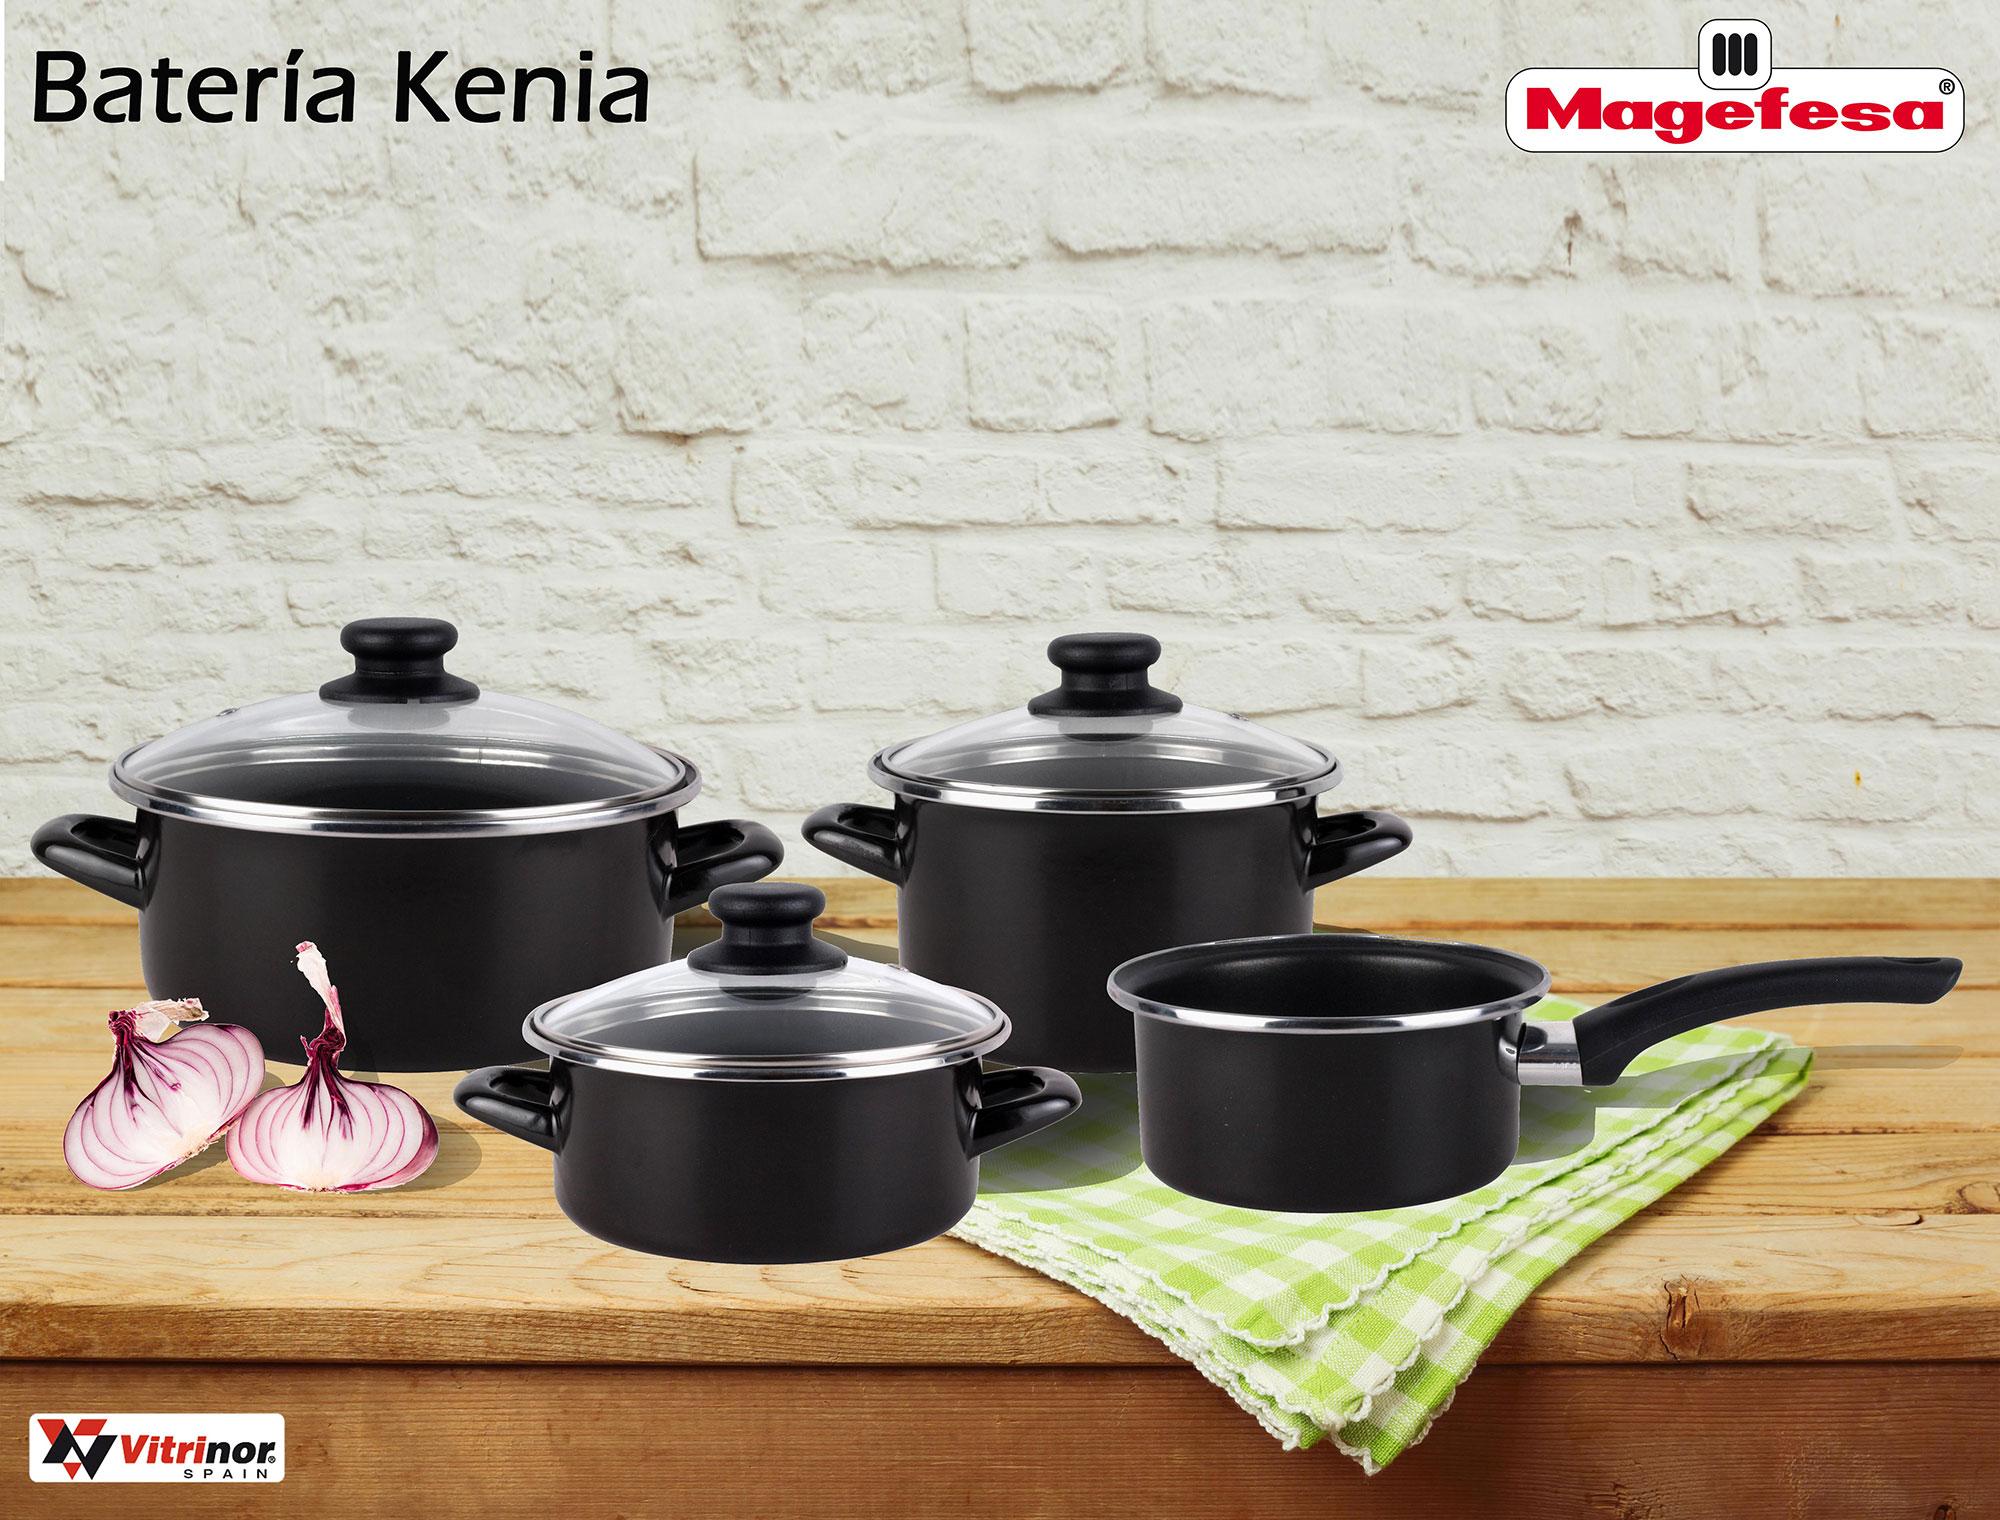 Bateria Cocina Magefesa | Bateria De Cocina Antiadherente Magefesa Kenia 7 Piezas Compra